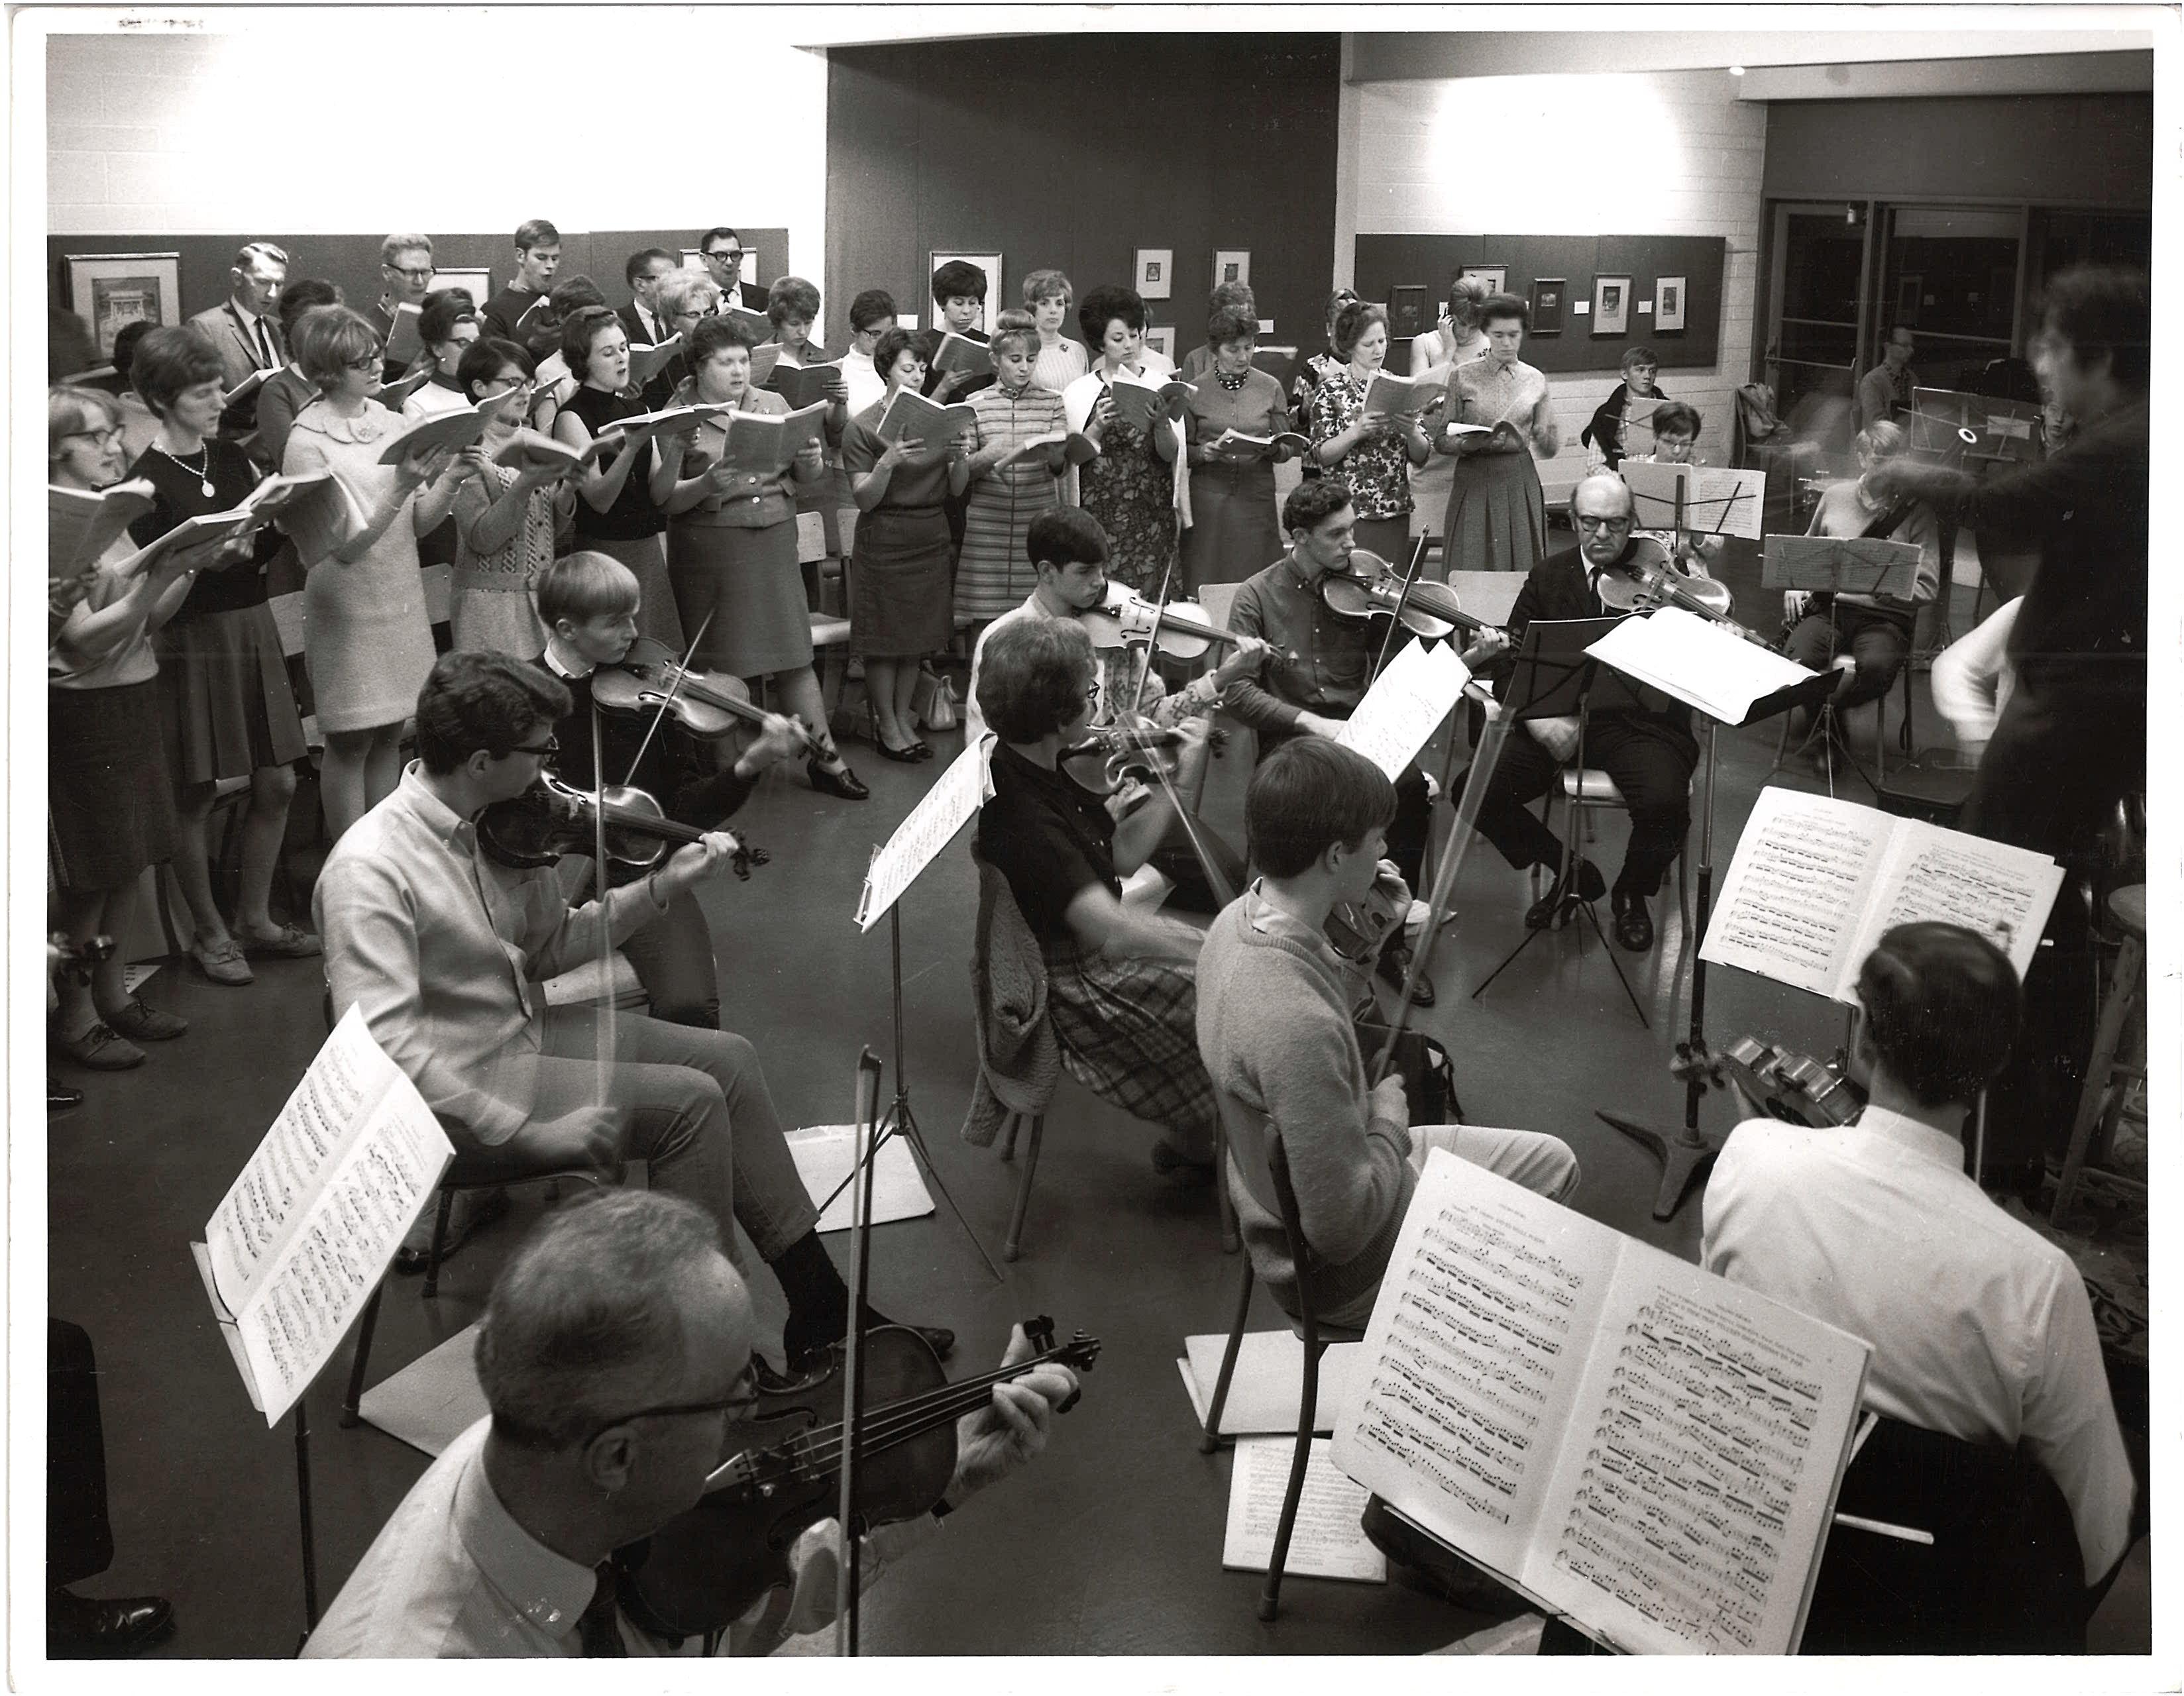 Le chœur et l'orchestre en répétition